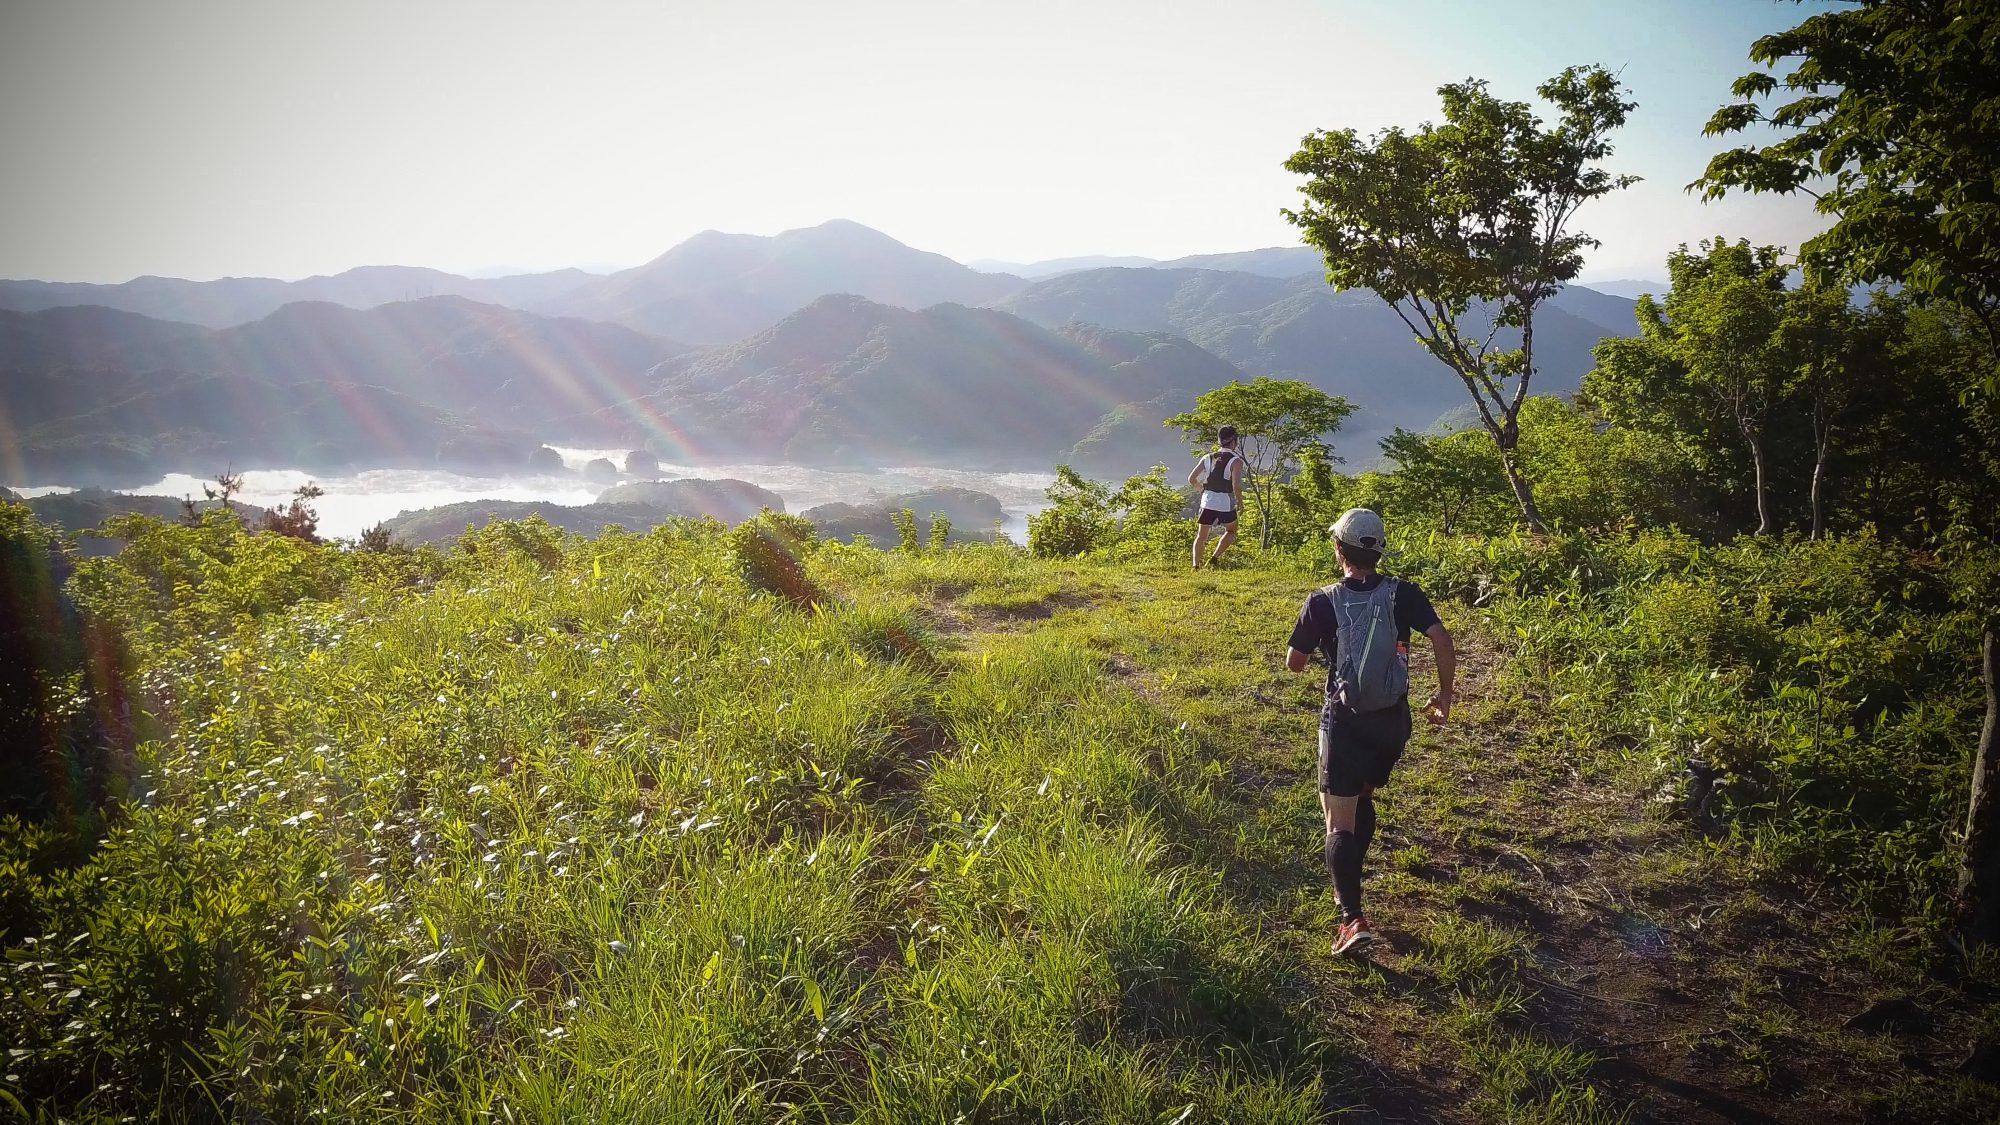 爽やかな高原を駆け抜ける、後半には急峻なアップダウンが待ち構える 🄫FIELDS